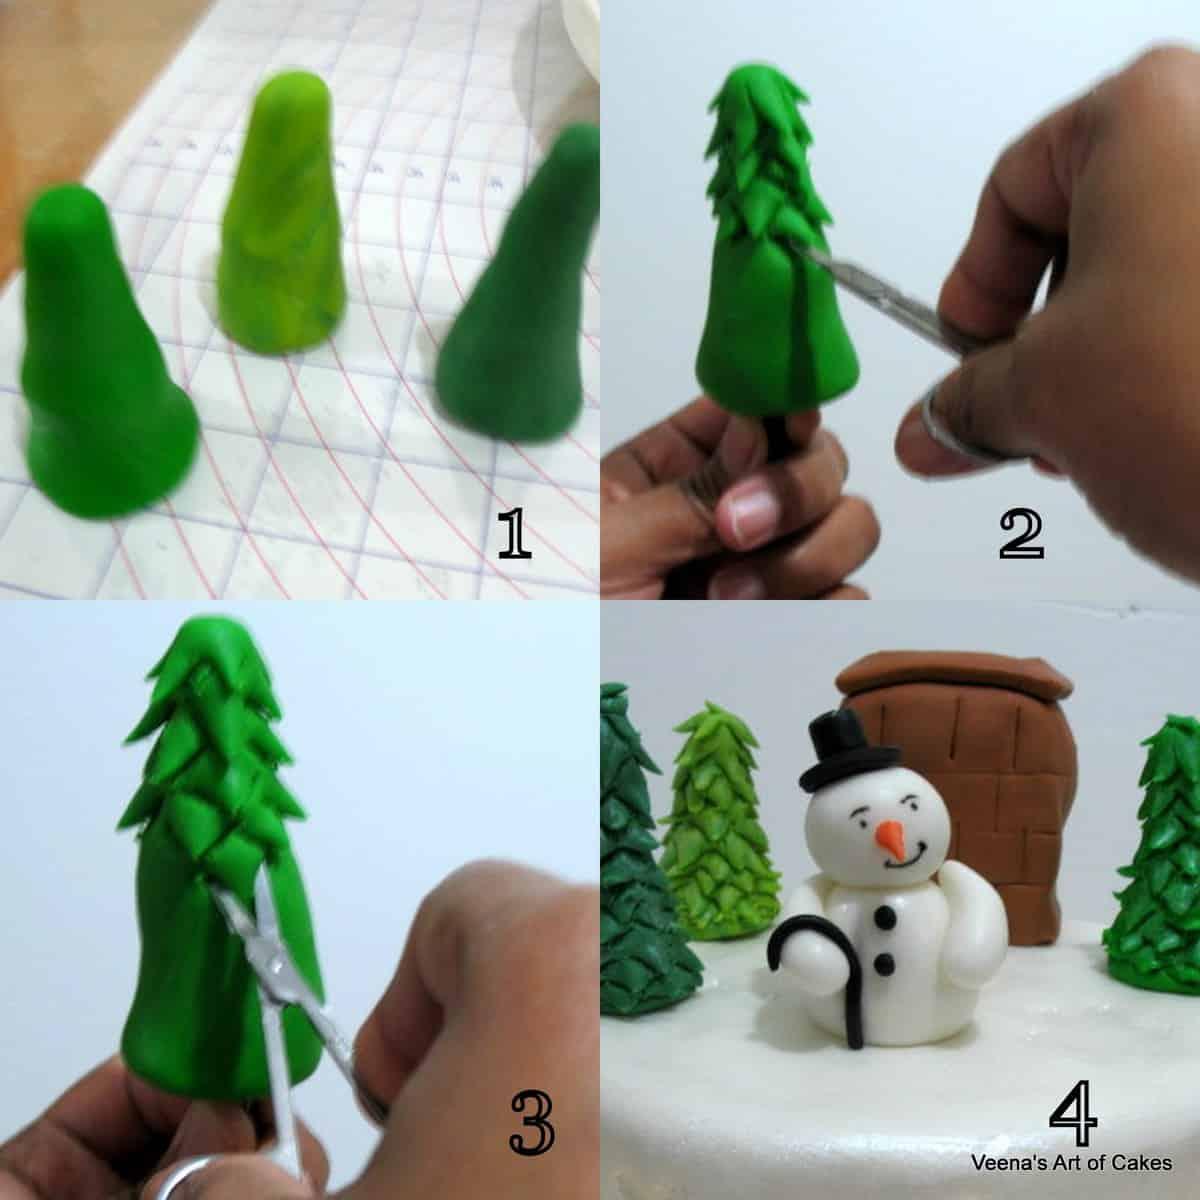 Decorating a Christmas Cake1